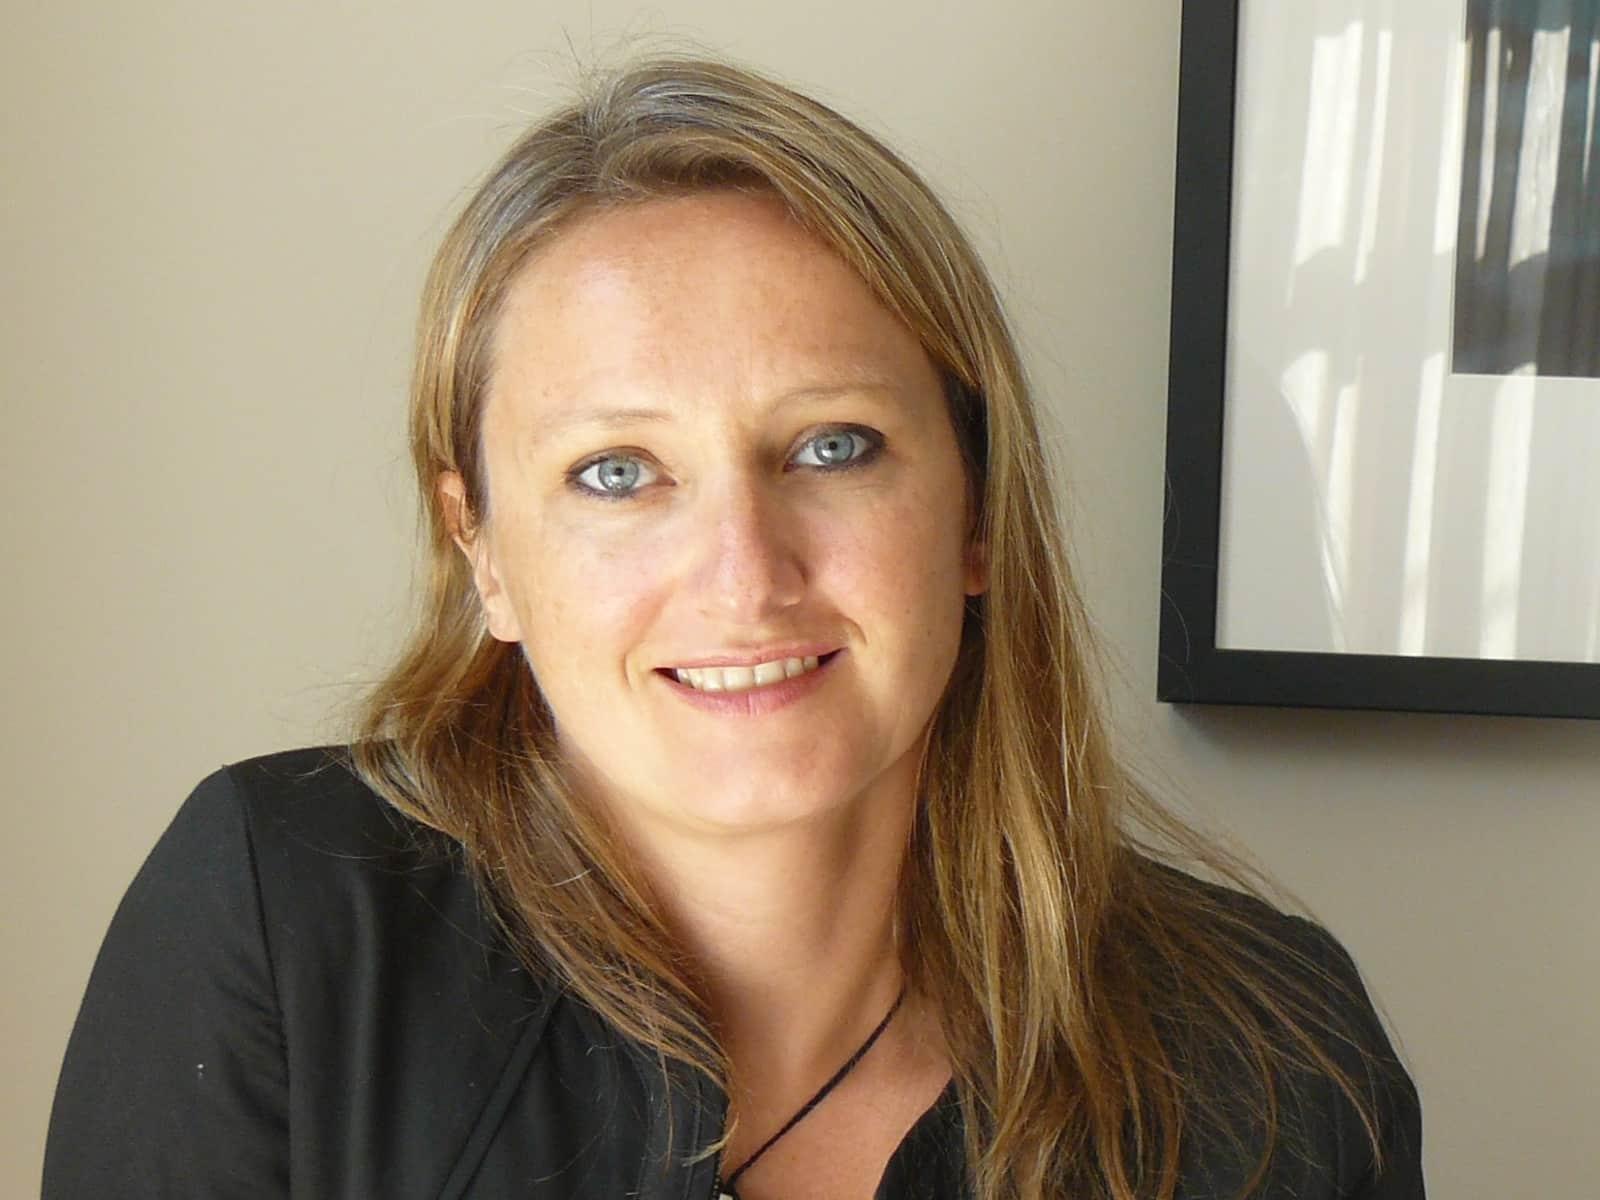 Simone from Melbourne, Victoria, Australia